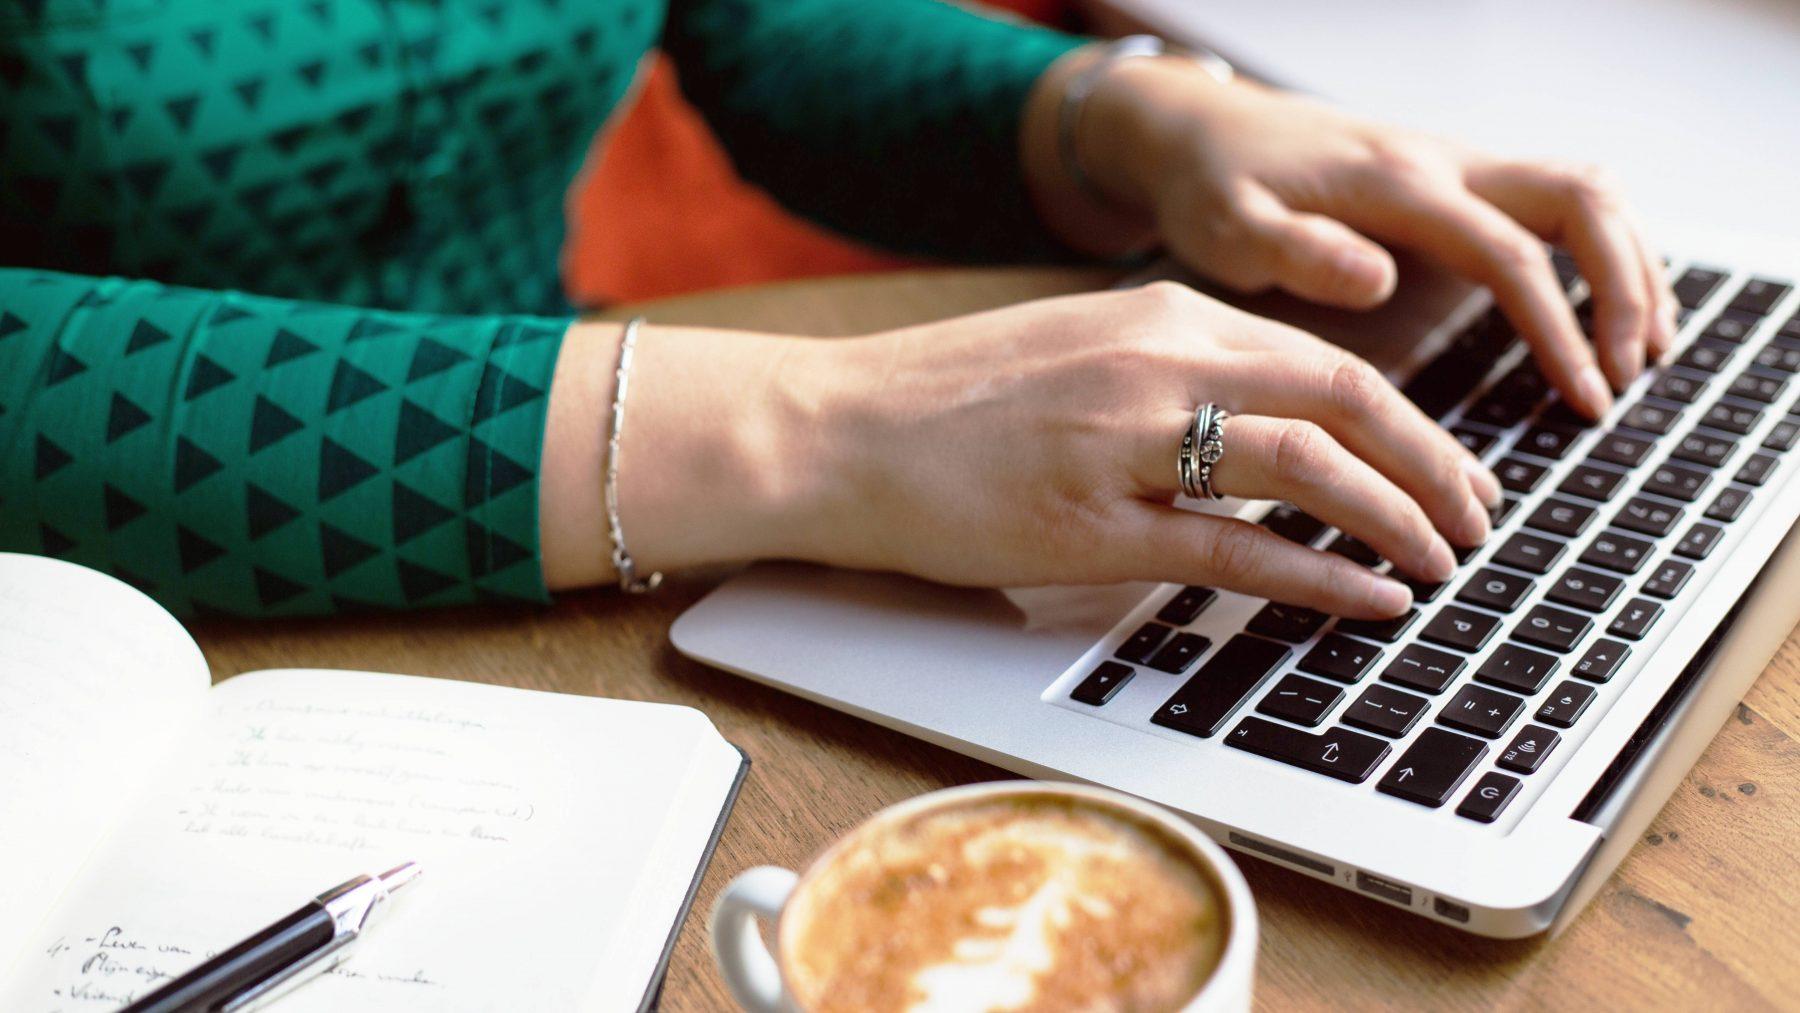 Kom maar op met die deadline: 5 inspirerende werkplekken in hotels (door heel Nederland)